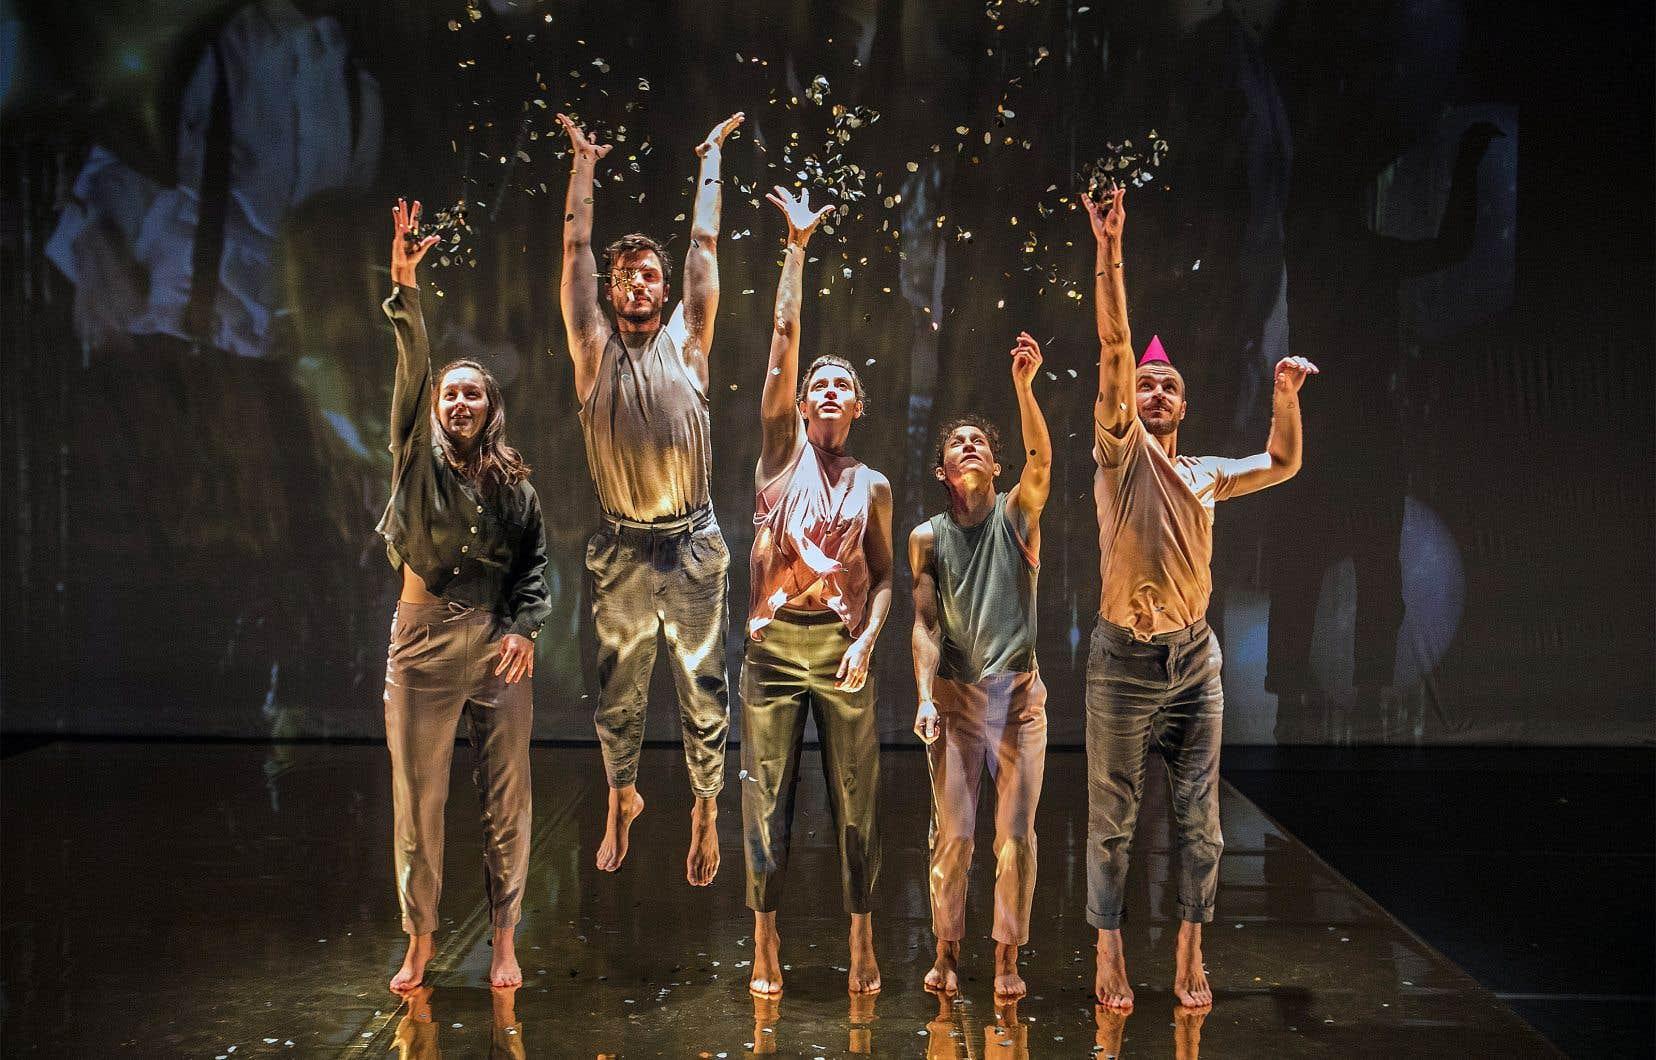 Les entrevues que Karine Ledoyen a réalisées avec d'anciens danseurs ont représenté la porte d'entrée de cette nouvelle création. Elles sont devenues une matière sonore et visuelle pour le spectacle, en plus de développer une trame narrative en résonance avec les danseurs sur scène.